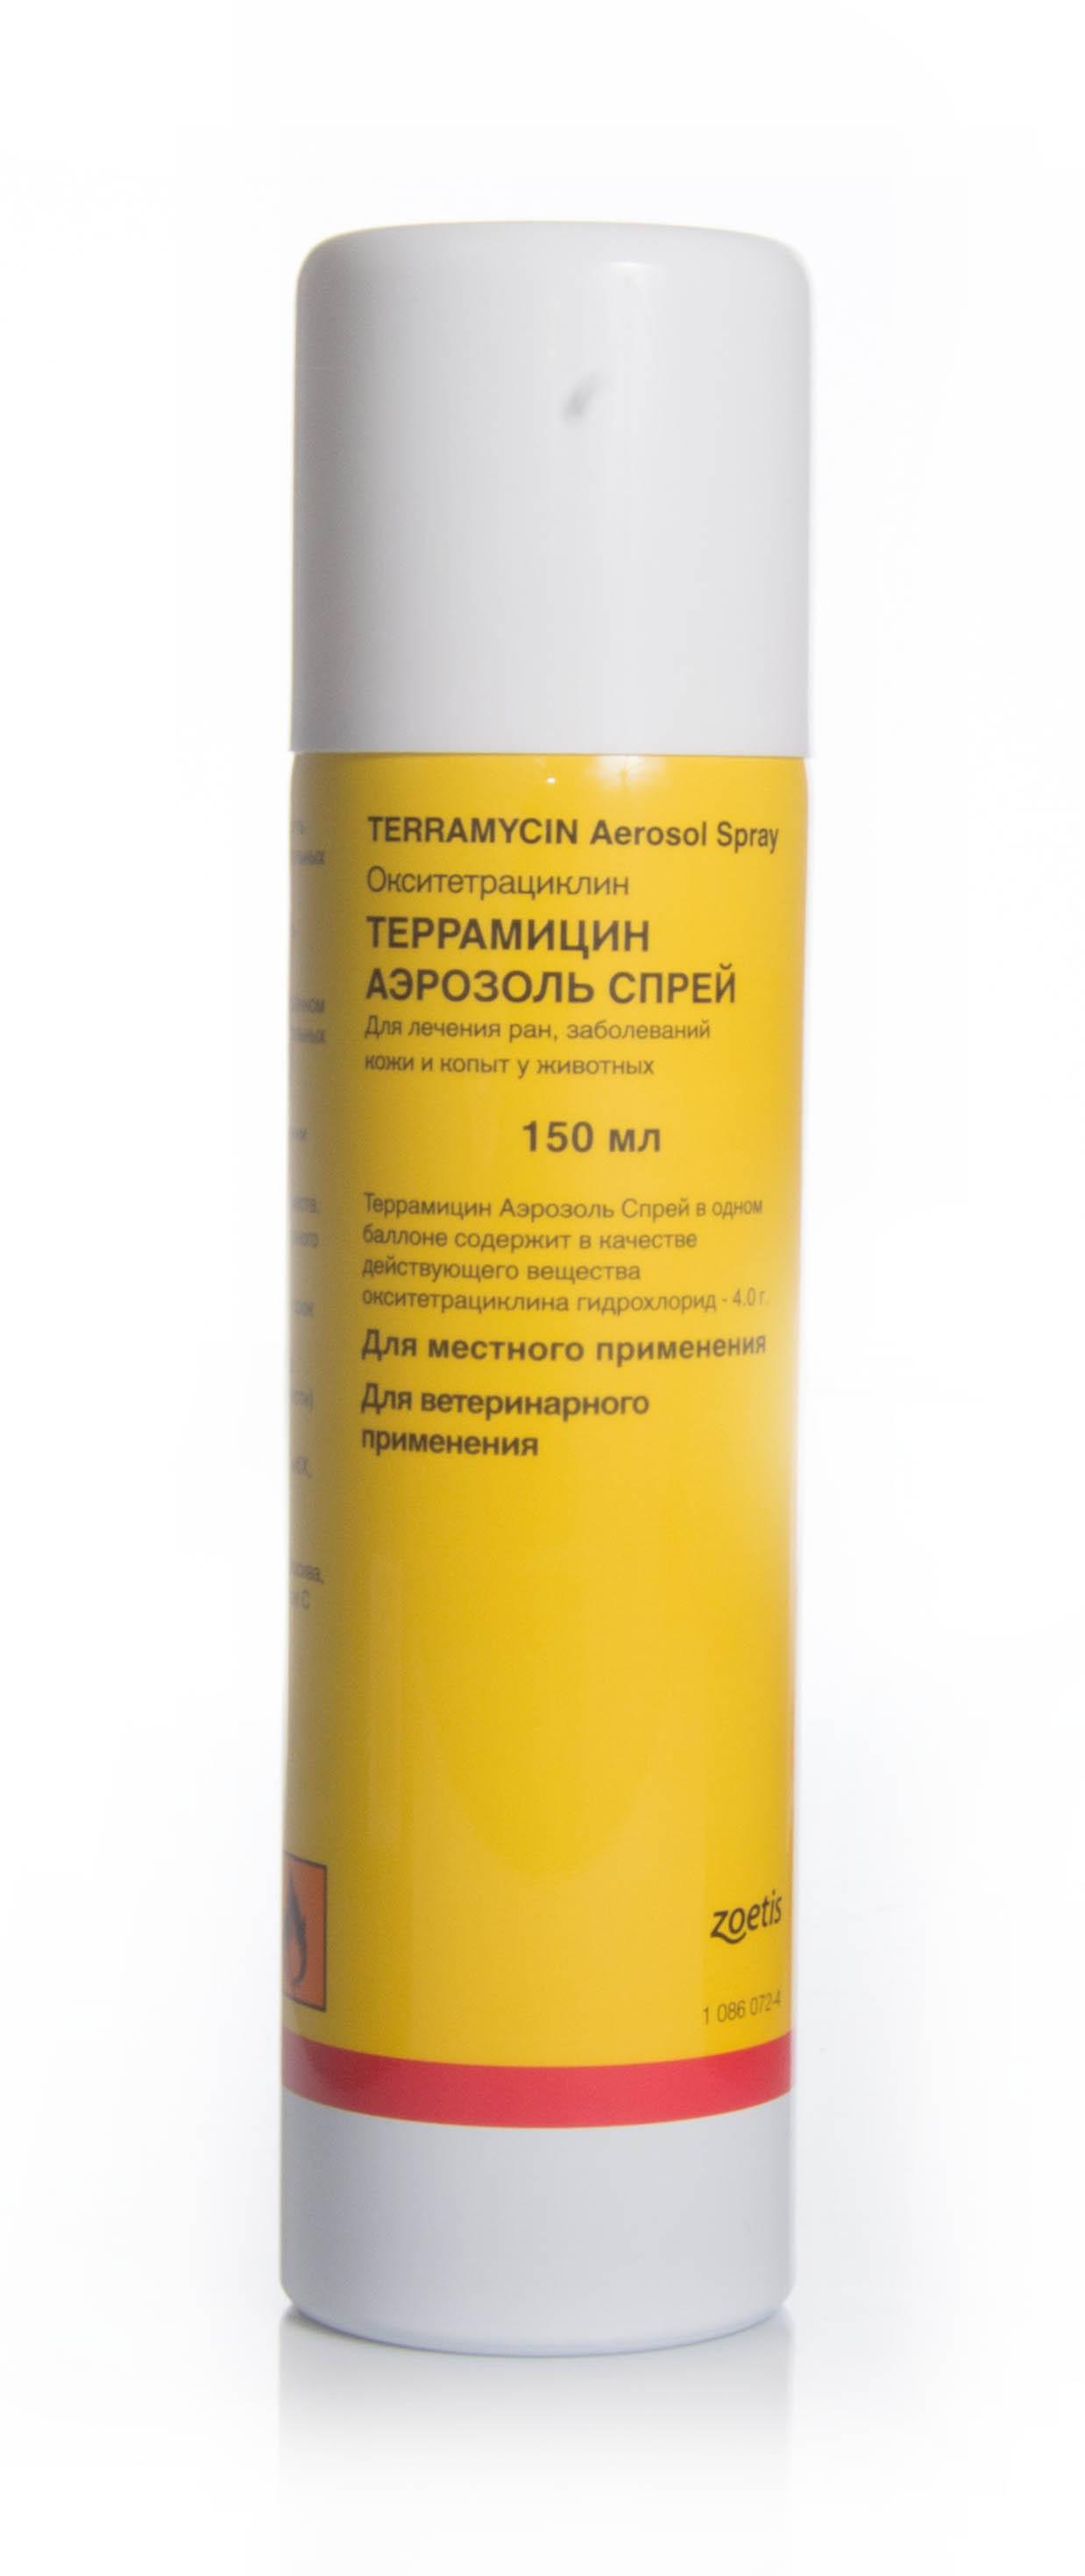 Террамицин спрей для обработки ран. Купить (Киев)